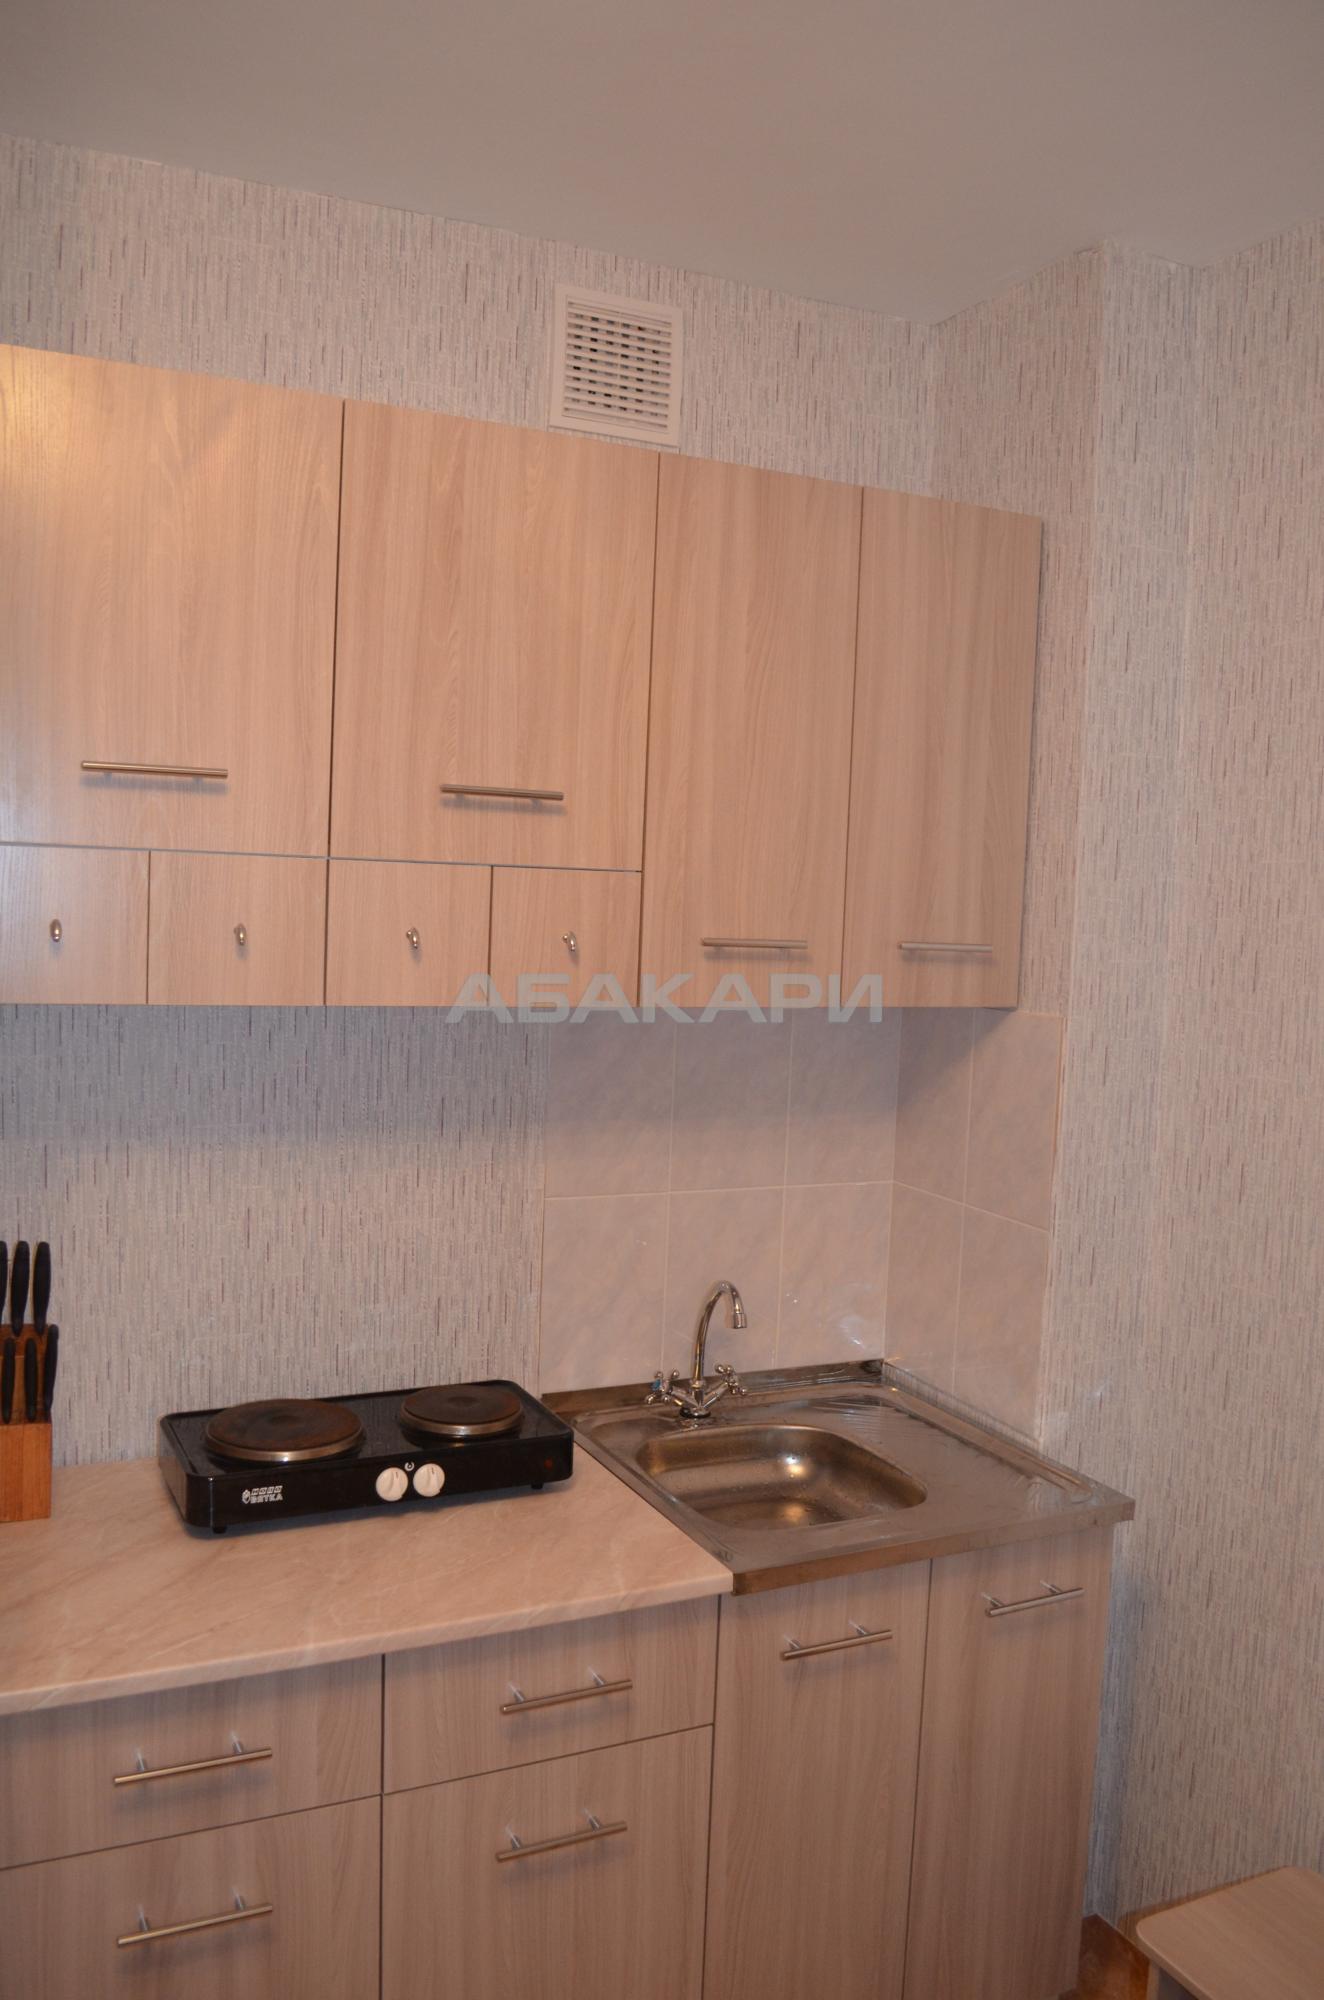 1к квартира улица Карамзина, 8   11500   аренда в Красноярске фото 5